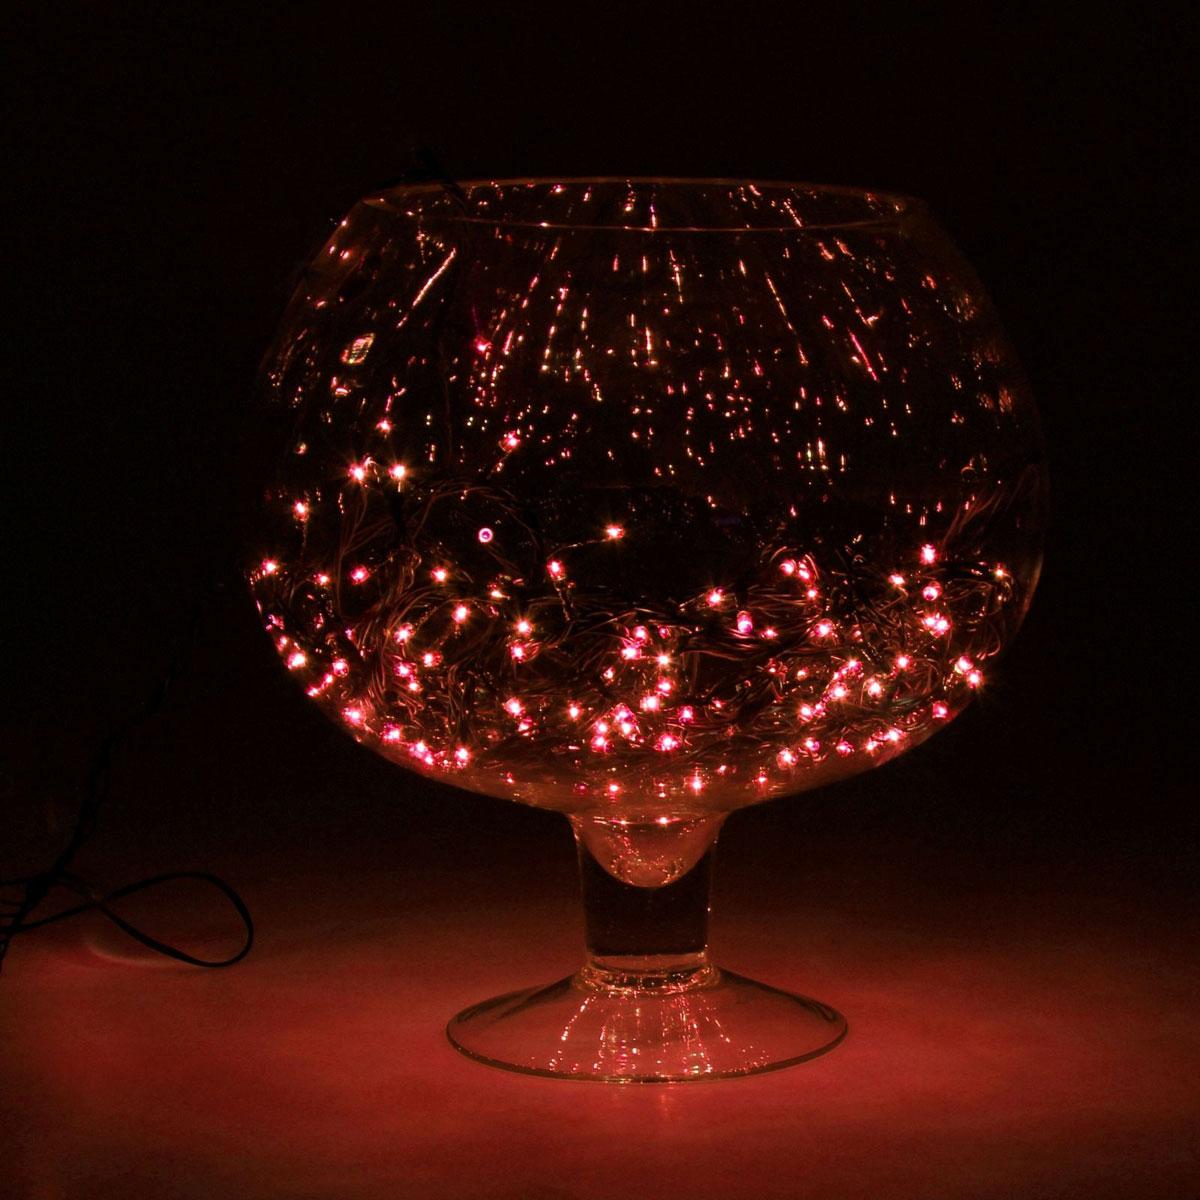 Гирлянда светодиодная Luazon Метраж, уличная, 8 режимов, 52 лампы, 220 V, 5 м, цвет: красный. 671656671656Светодиодные гирлянды, ленты и т.д. — это отличный вариант для новогоднего оформления интерьера или фасада. С их помощью помещение любого размера можно превратить в праздничный зал, а внешние элементы зданий, украшенные ими, мгновенно станут напоминать очертания сказочного дворца. Такие украшения создают ауру предвкушения чуда. Деревья, фасады, витрины, окна и арки будто специально созданы, чтобы вы украсили их светящимися нитями.